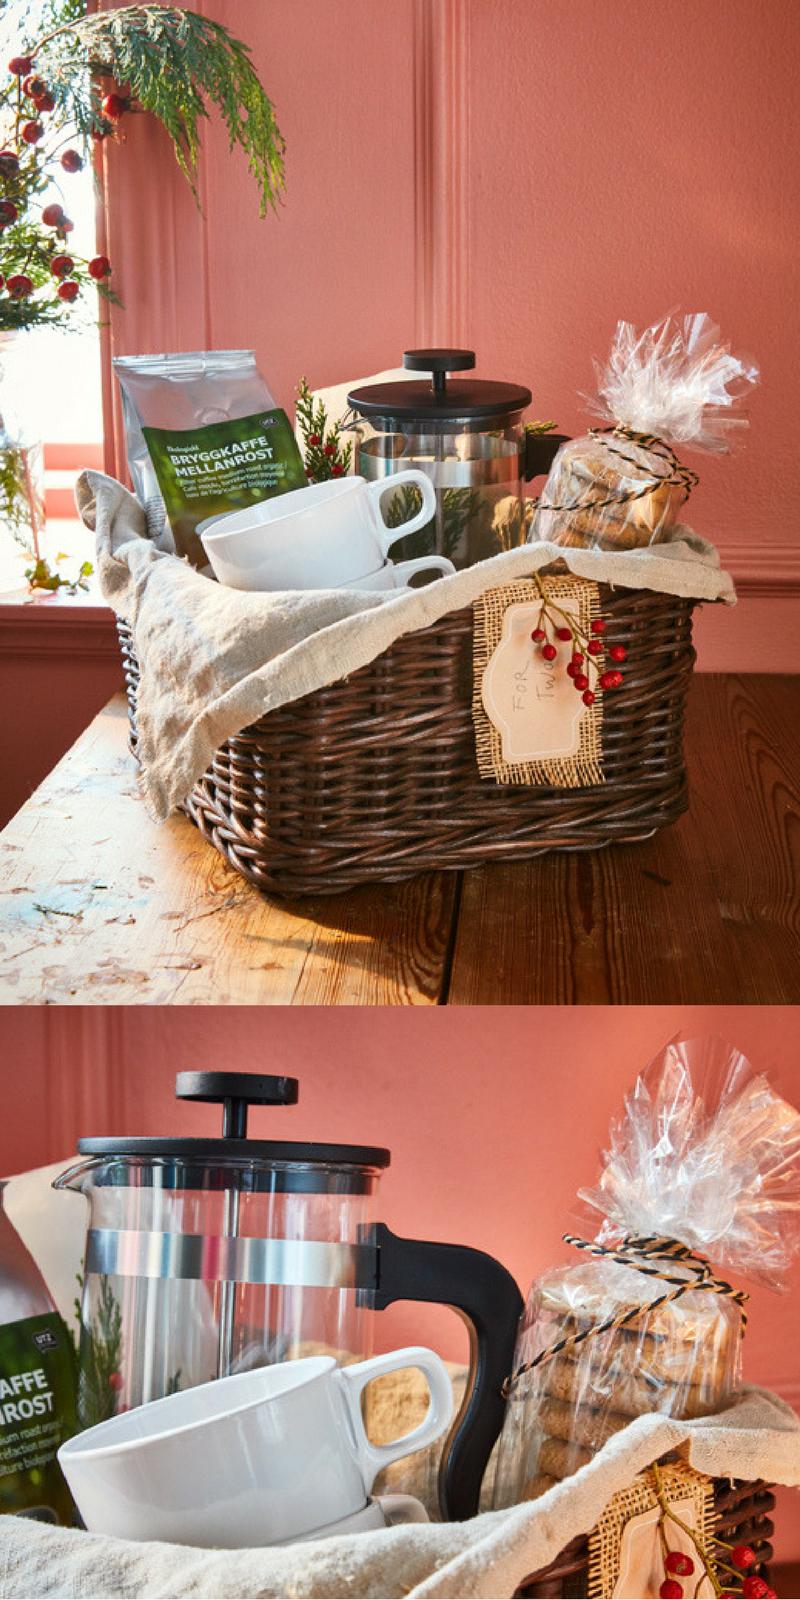 Für den besten Kaffeegenuss Ihren Eltern zu schenken, finden Sie hier Geschenkideen für Weihnachten